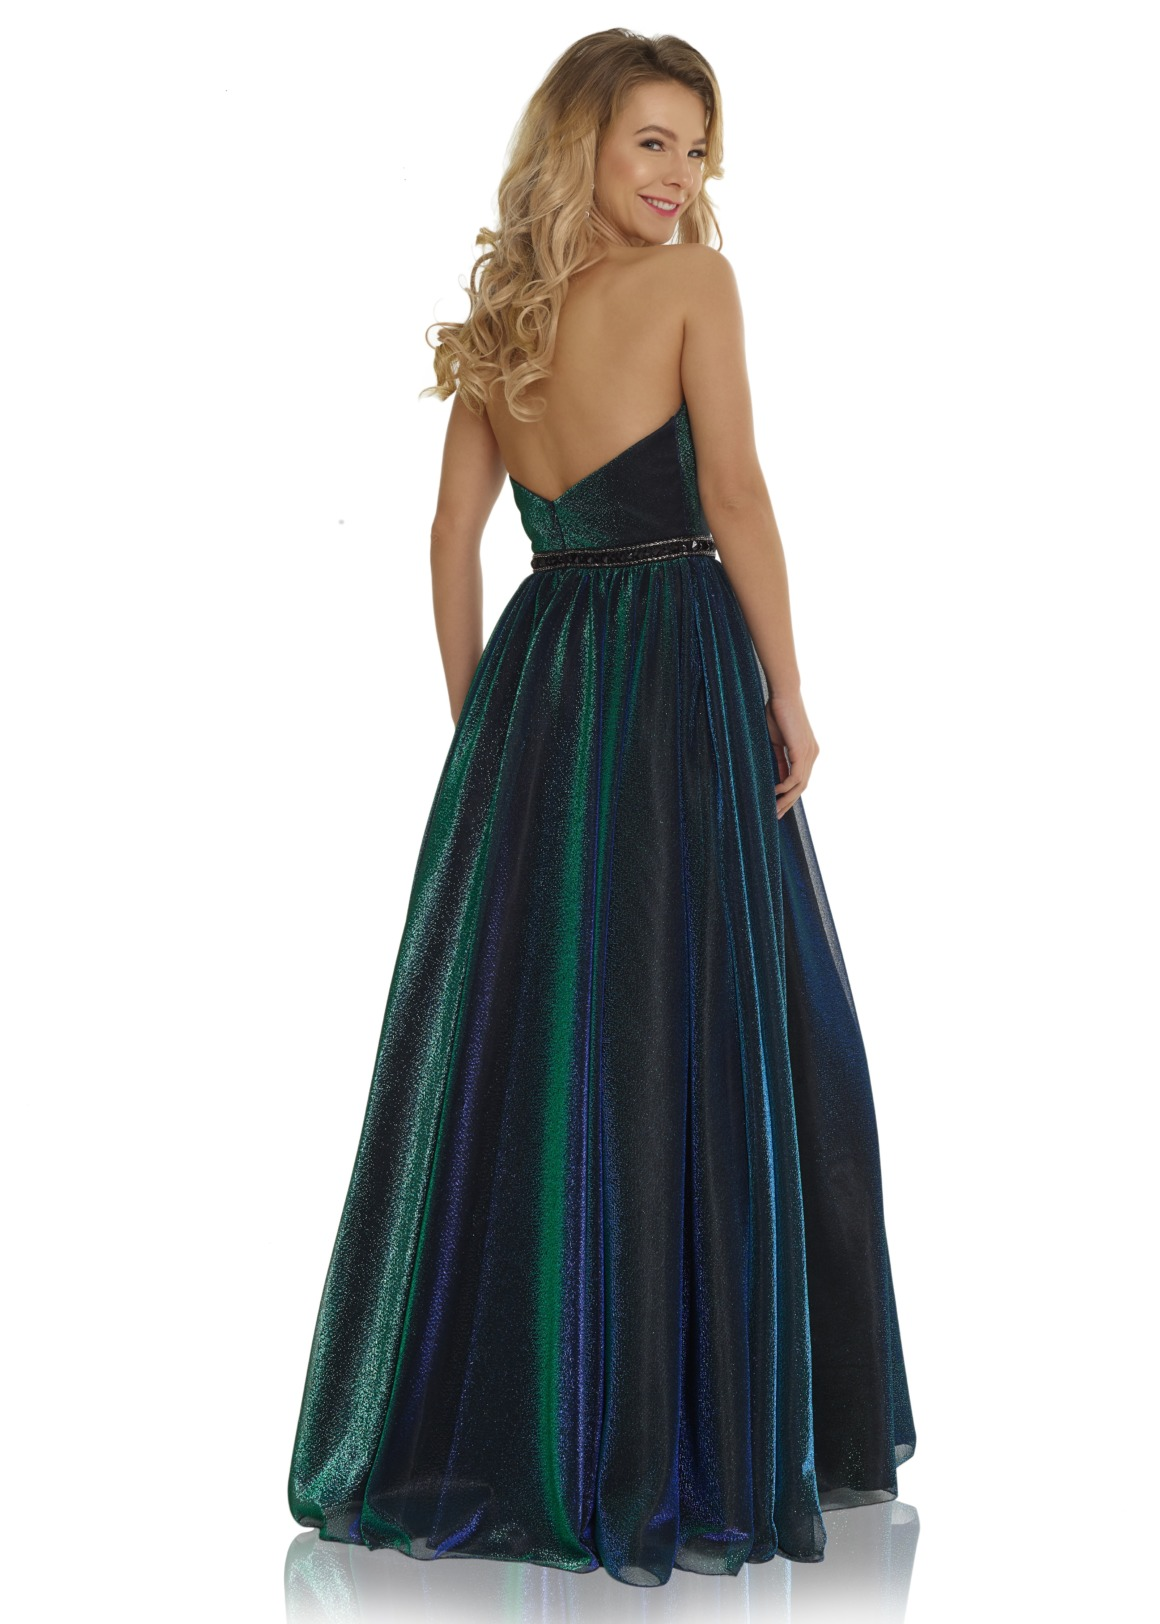 Schützenfest Königinnenkleid Hofdamen Hofstaat Kleid corsage dunkelgrün grün rückenansicht